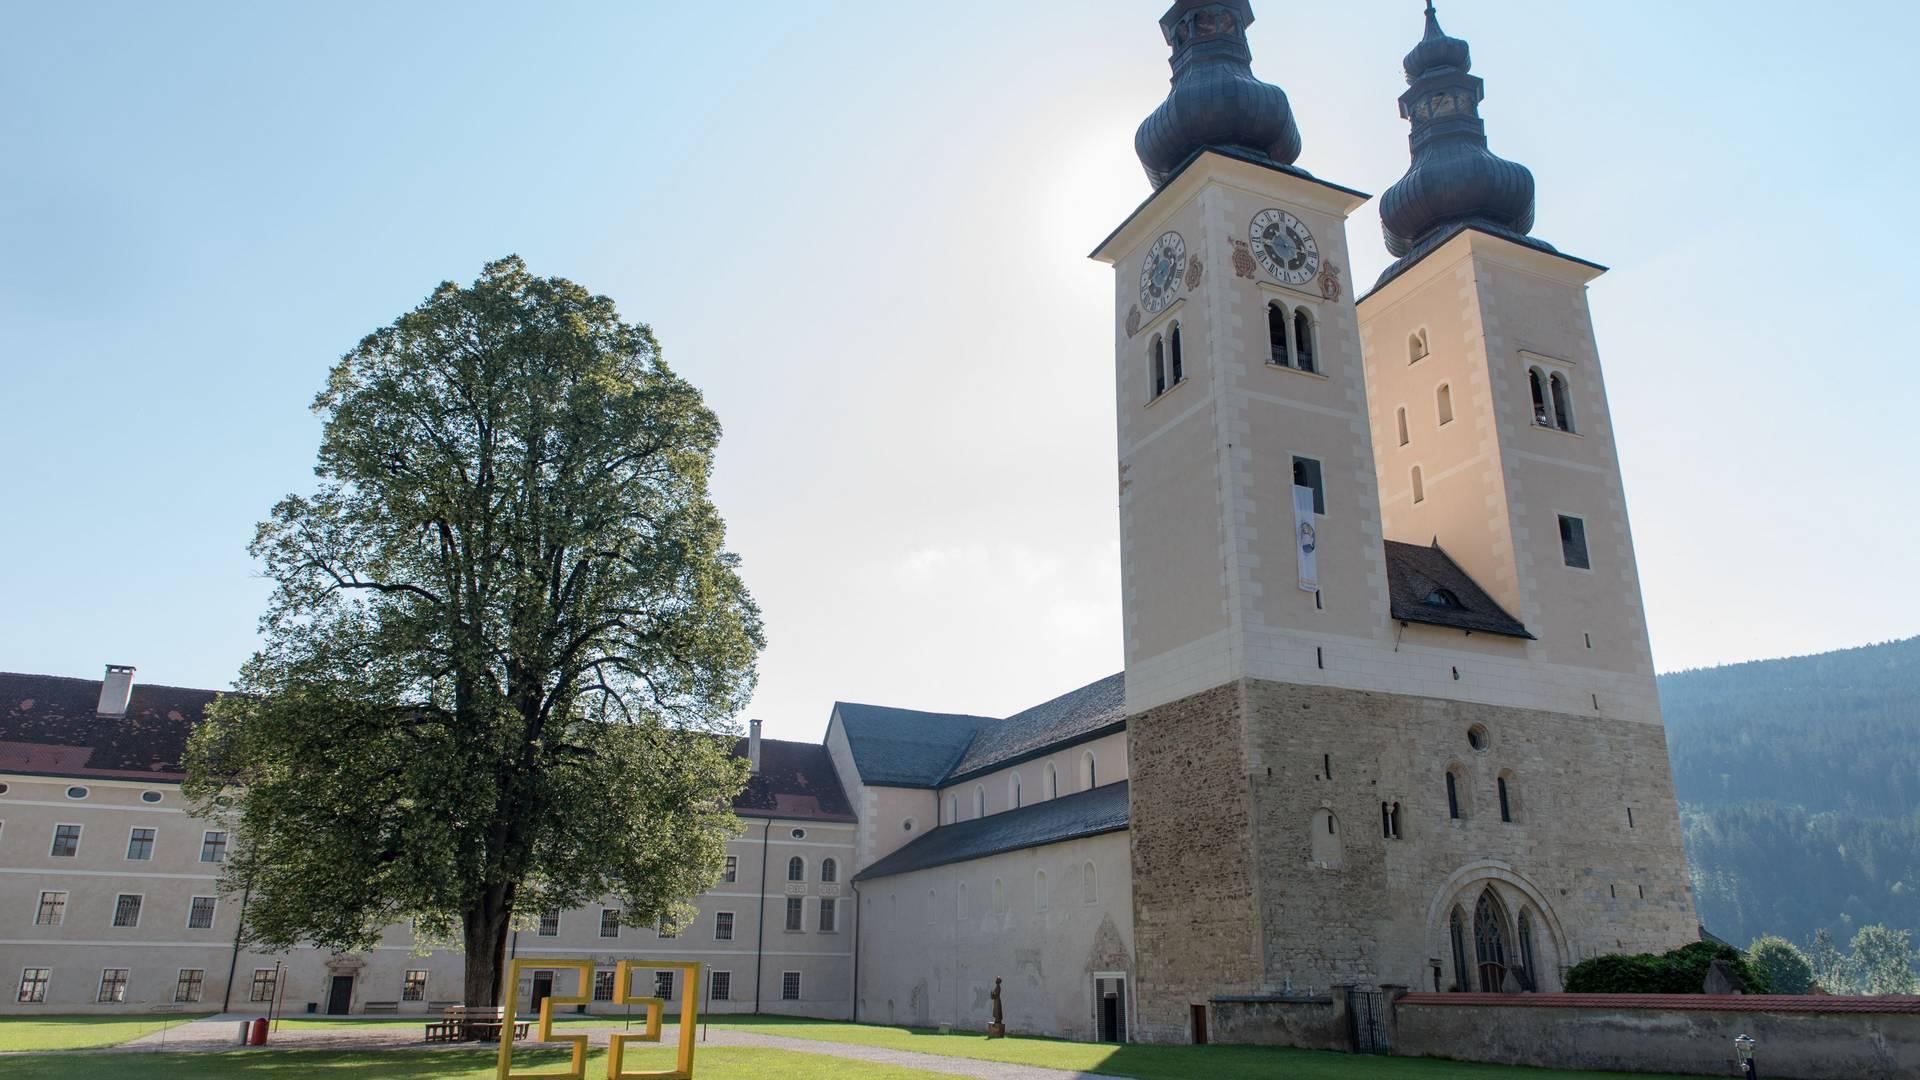 Dom zu Gurk Copyright Tourismusregion Mittelka rnten